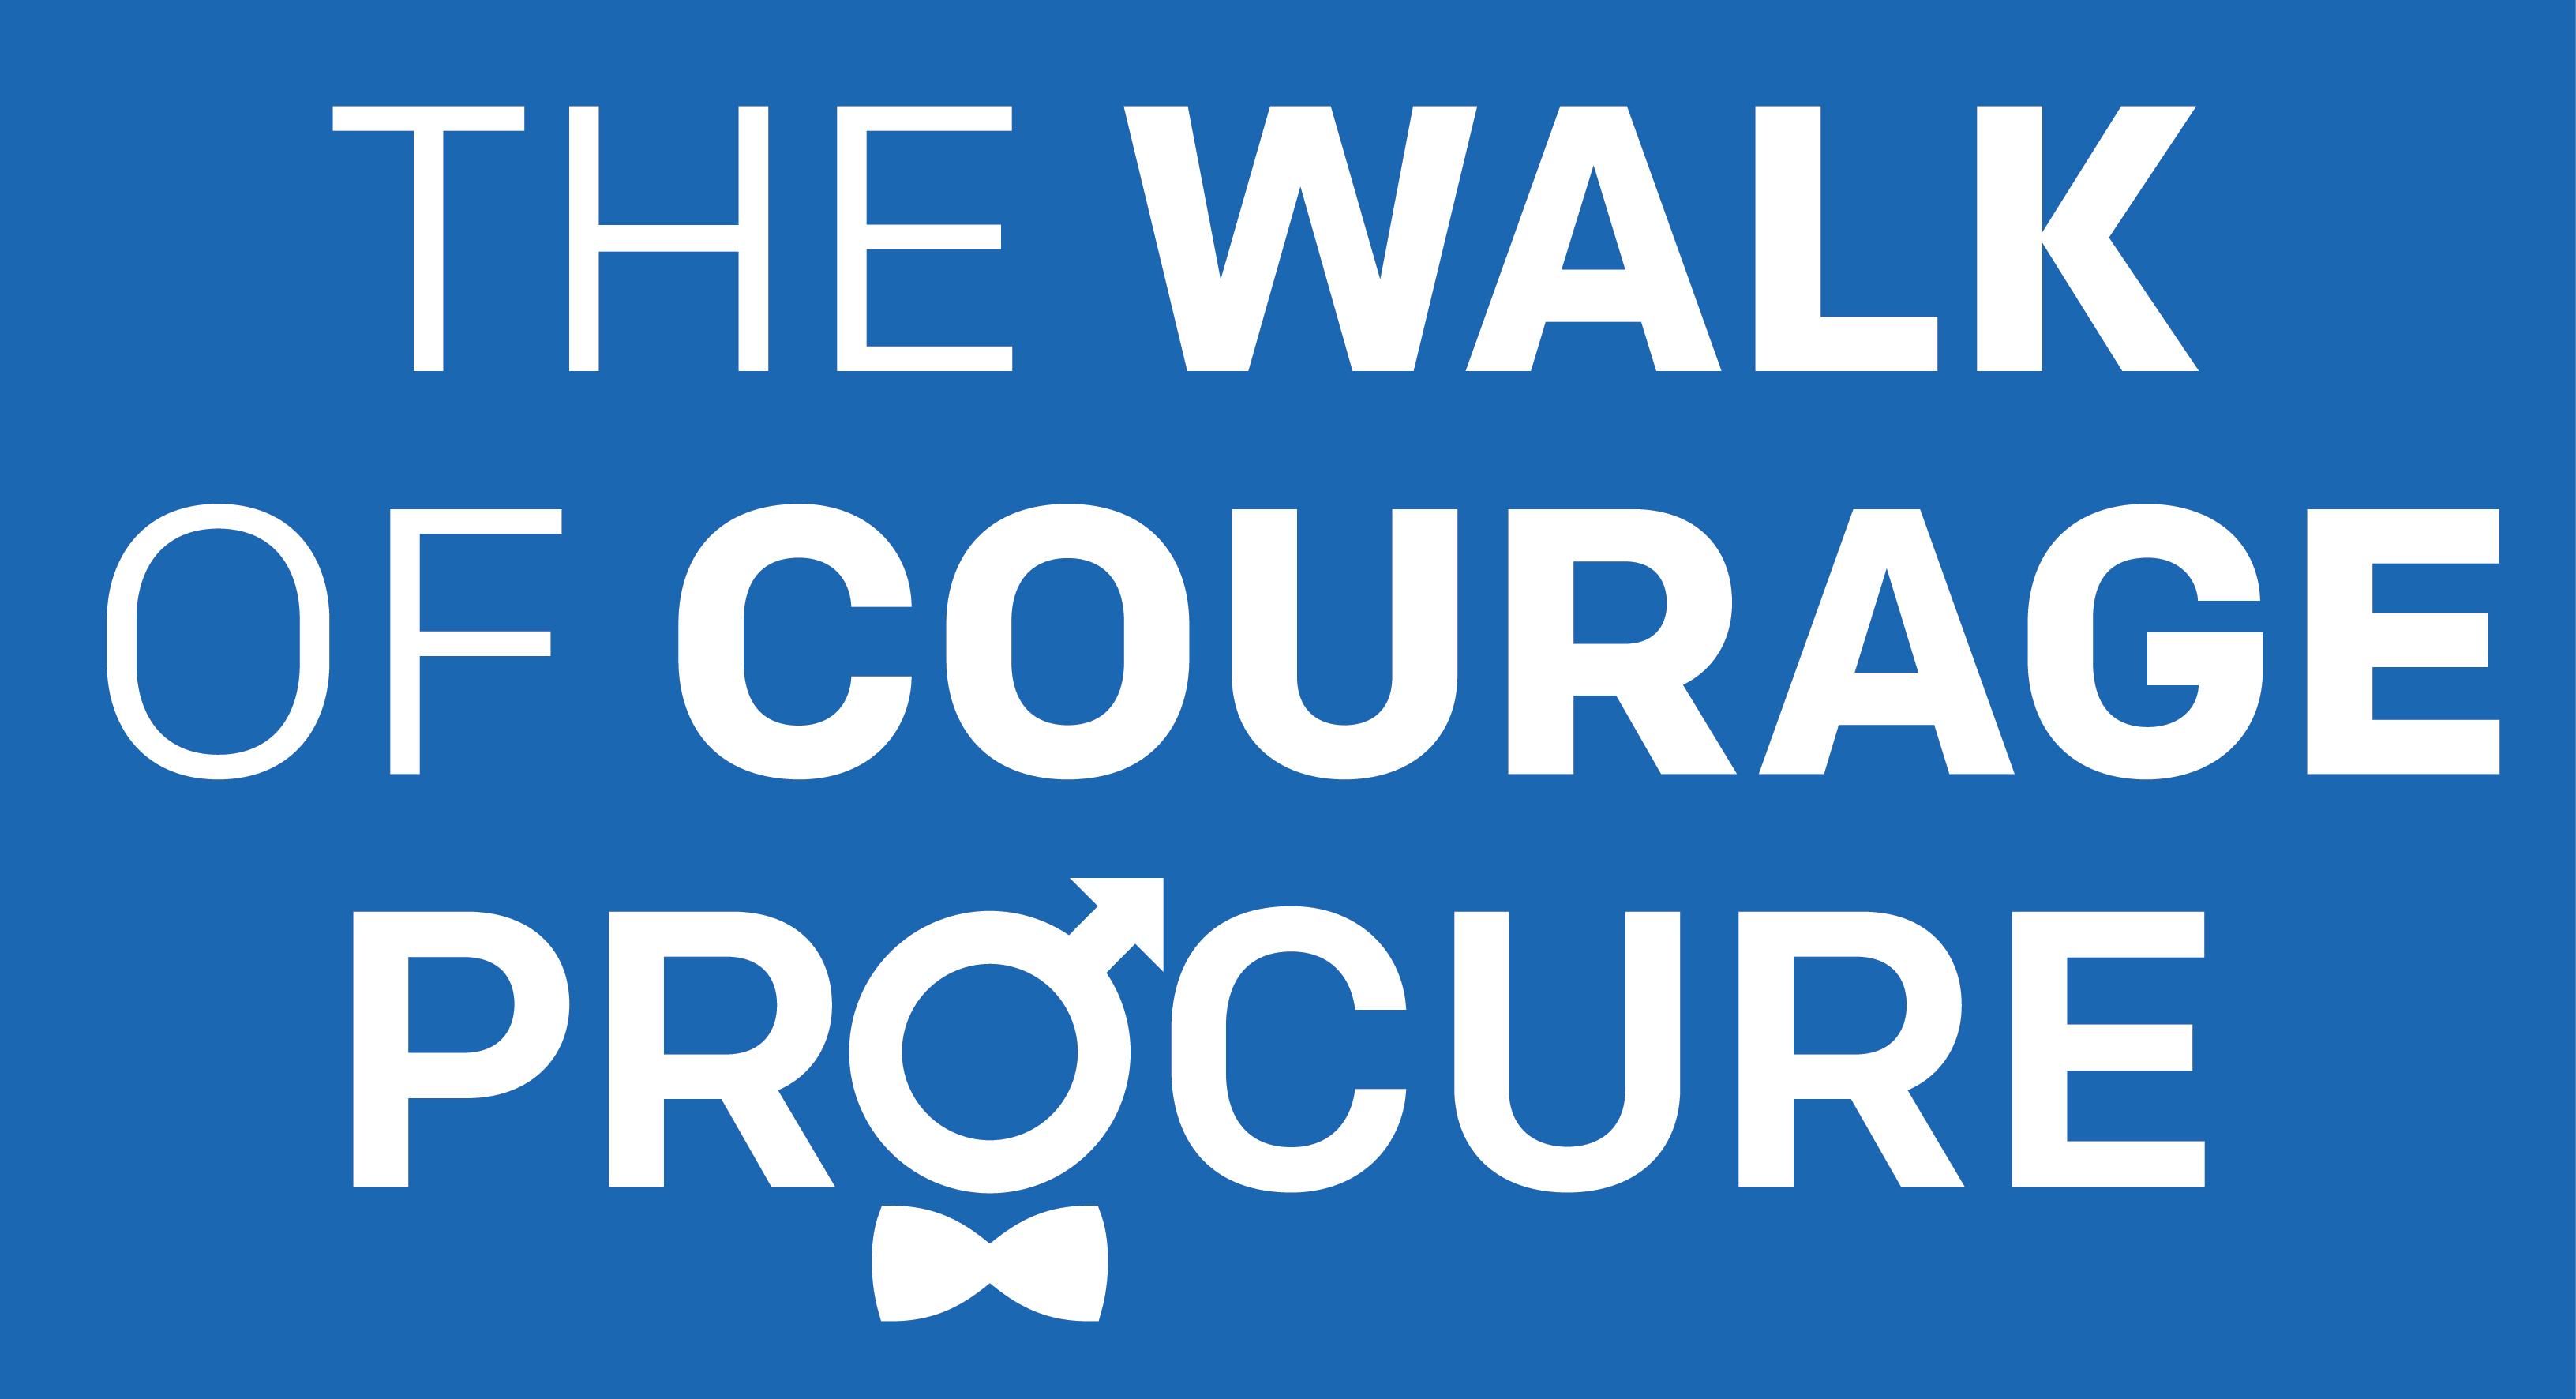 Marche Tour du Courage PROCURE-renverse